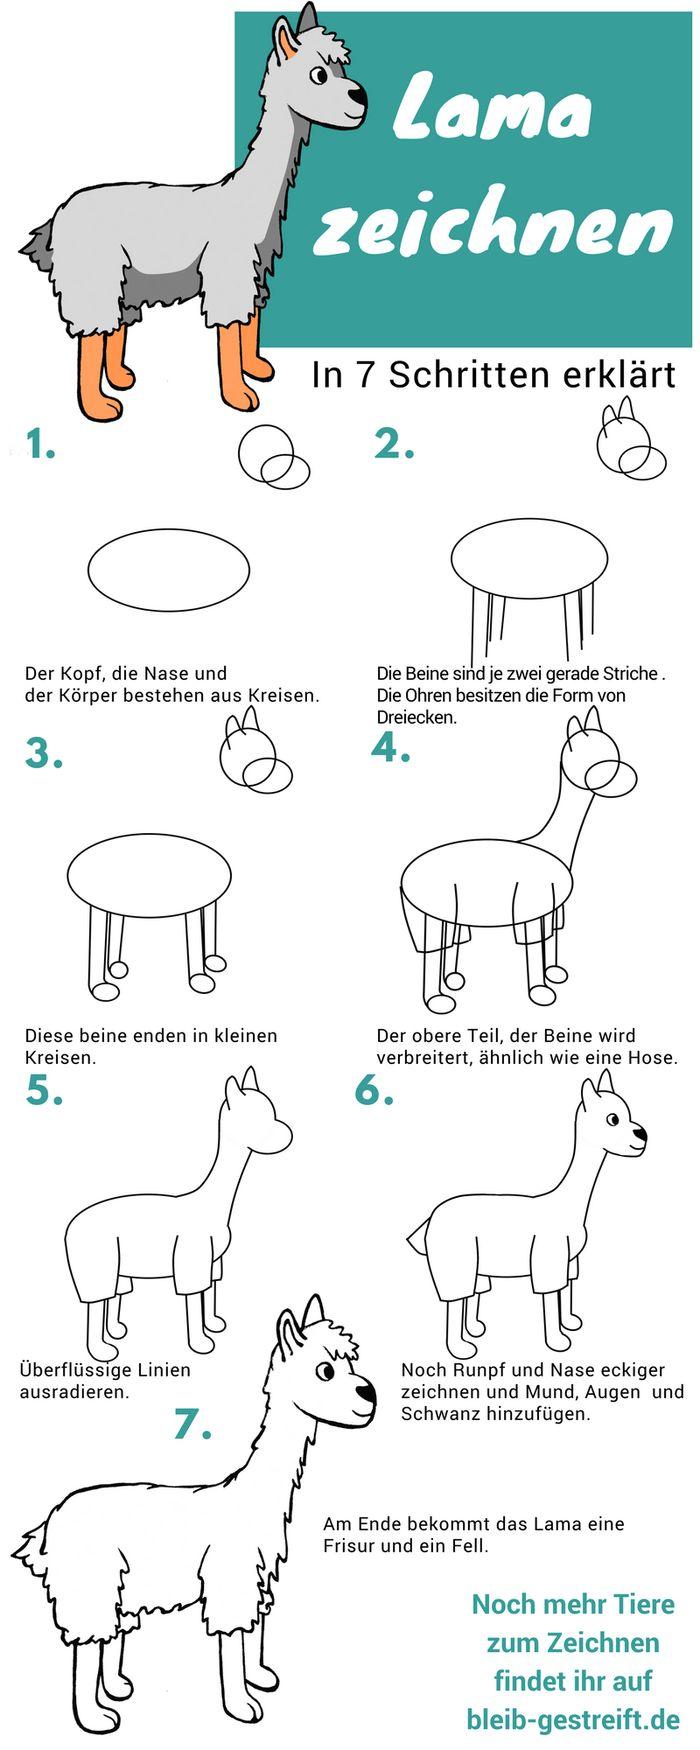 Lamas zeichnen lernen – eine Anleitung mit 7 Schritten